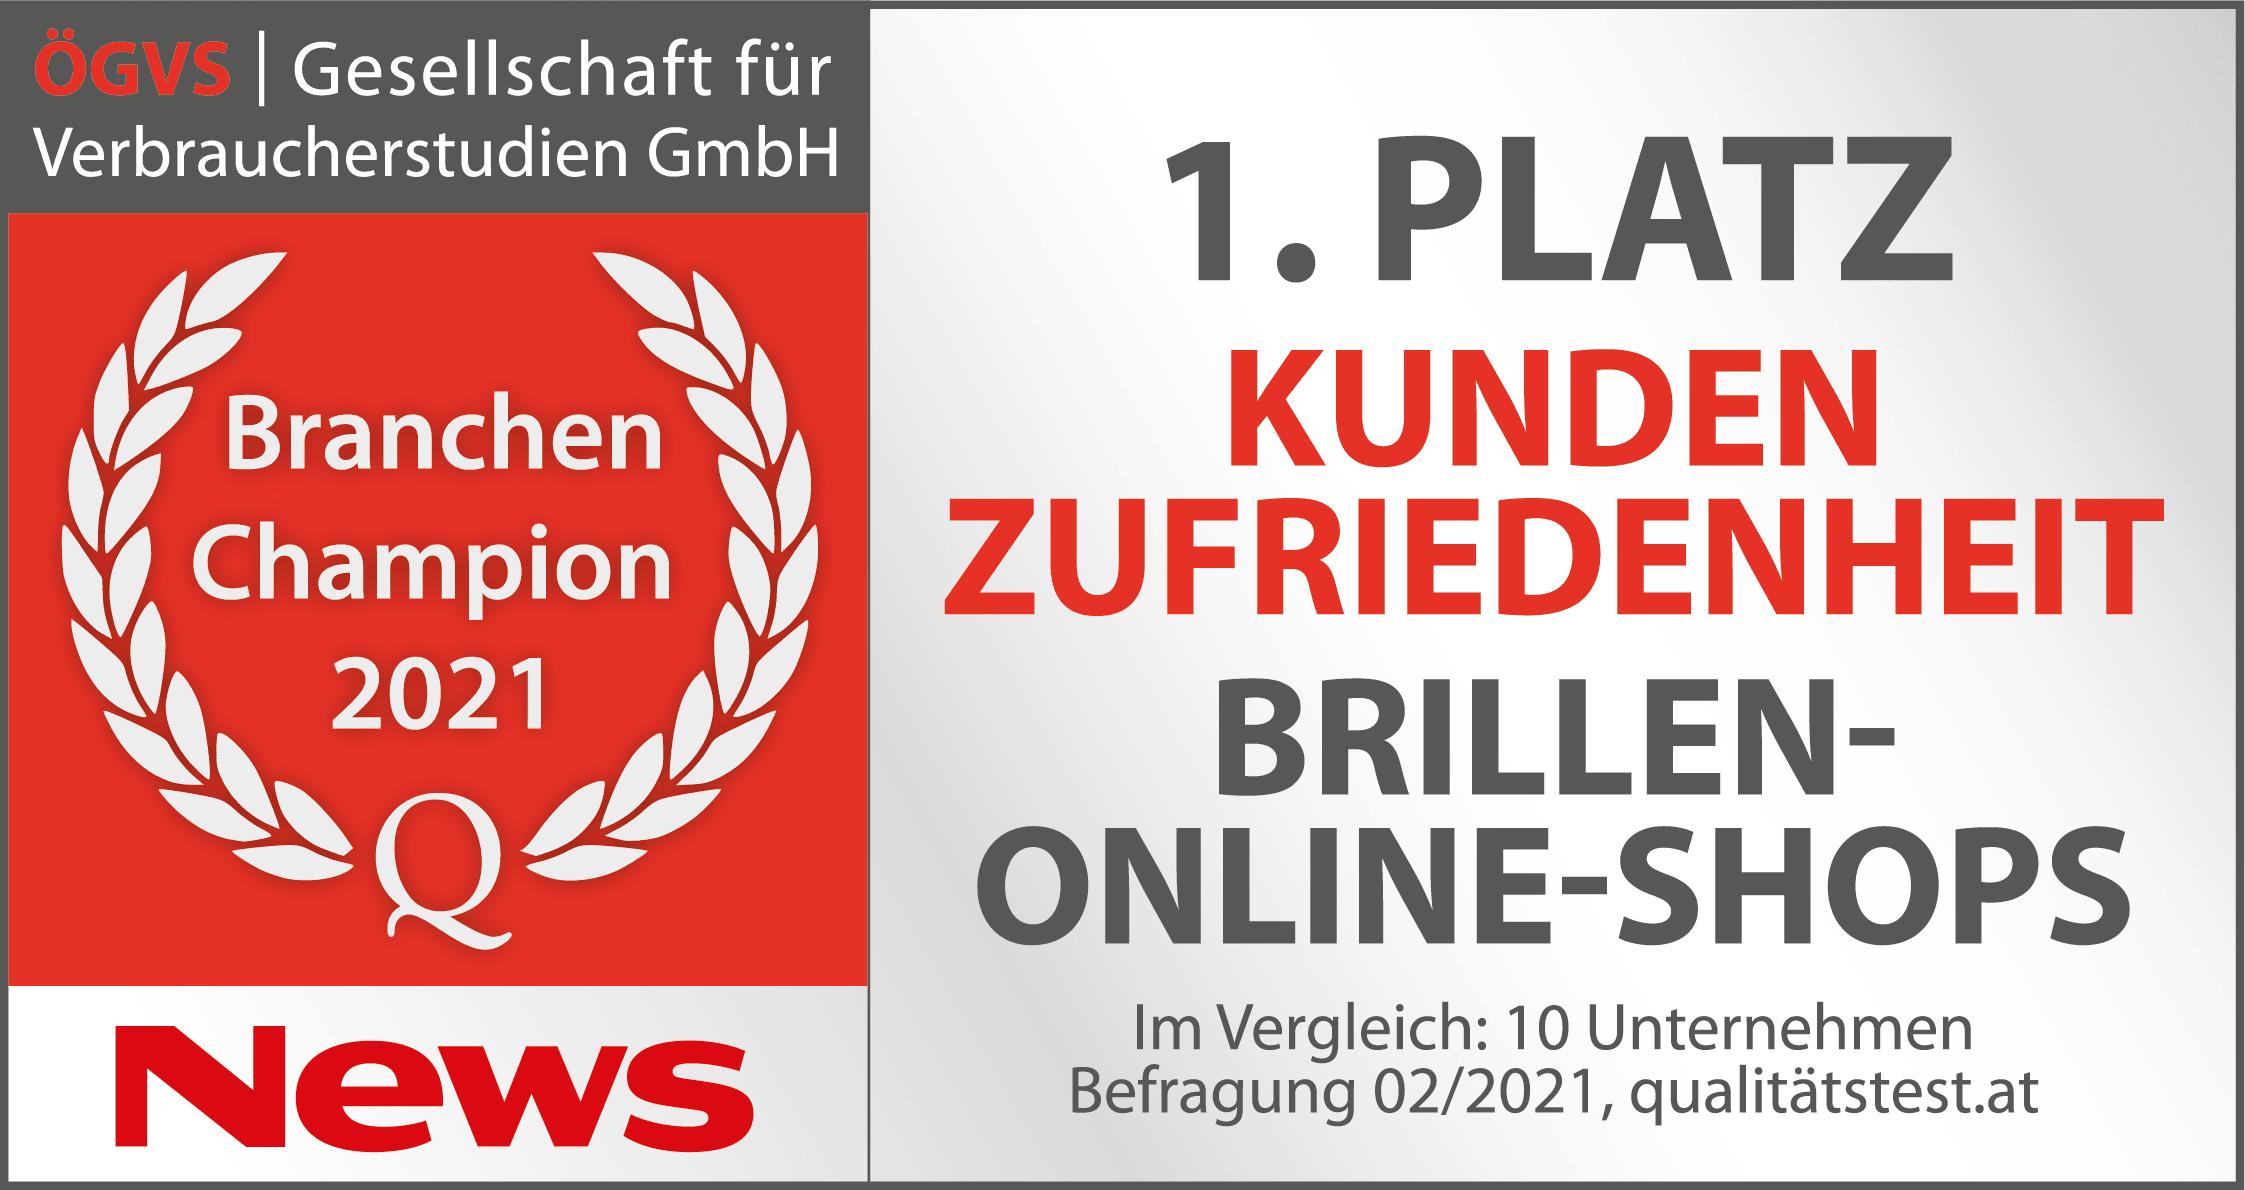 Siegel BranchenChampion Zweizeilig KUZ Quer-01